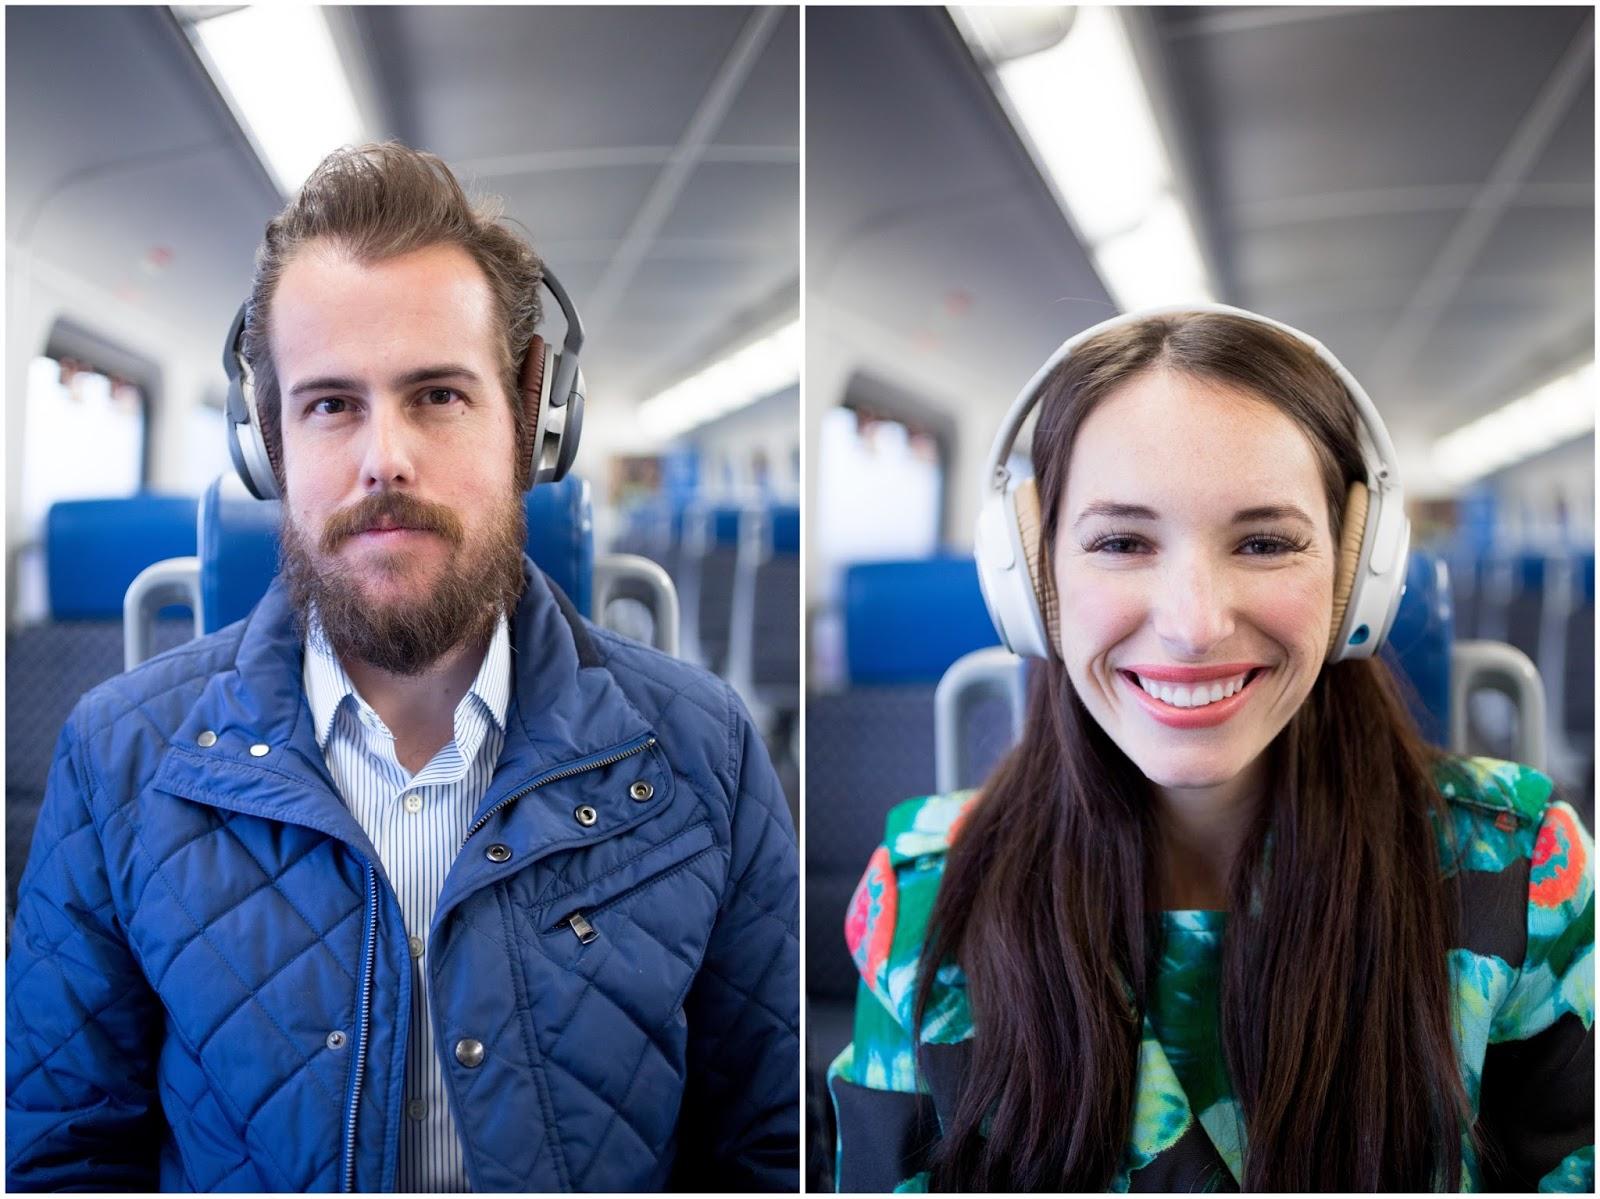 His and Hers Bose Quiet Comfort Headphones